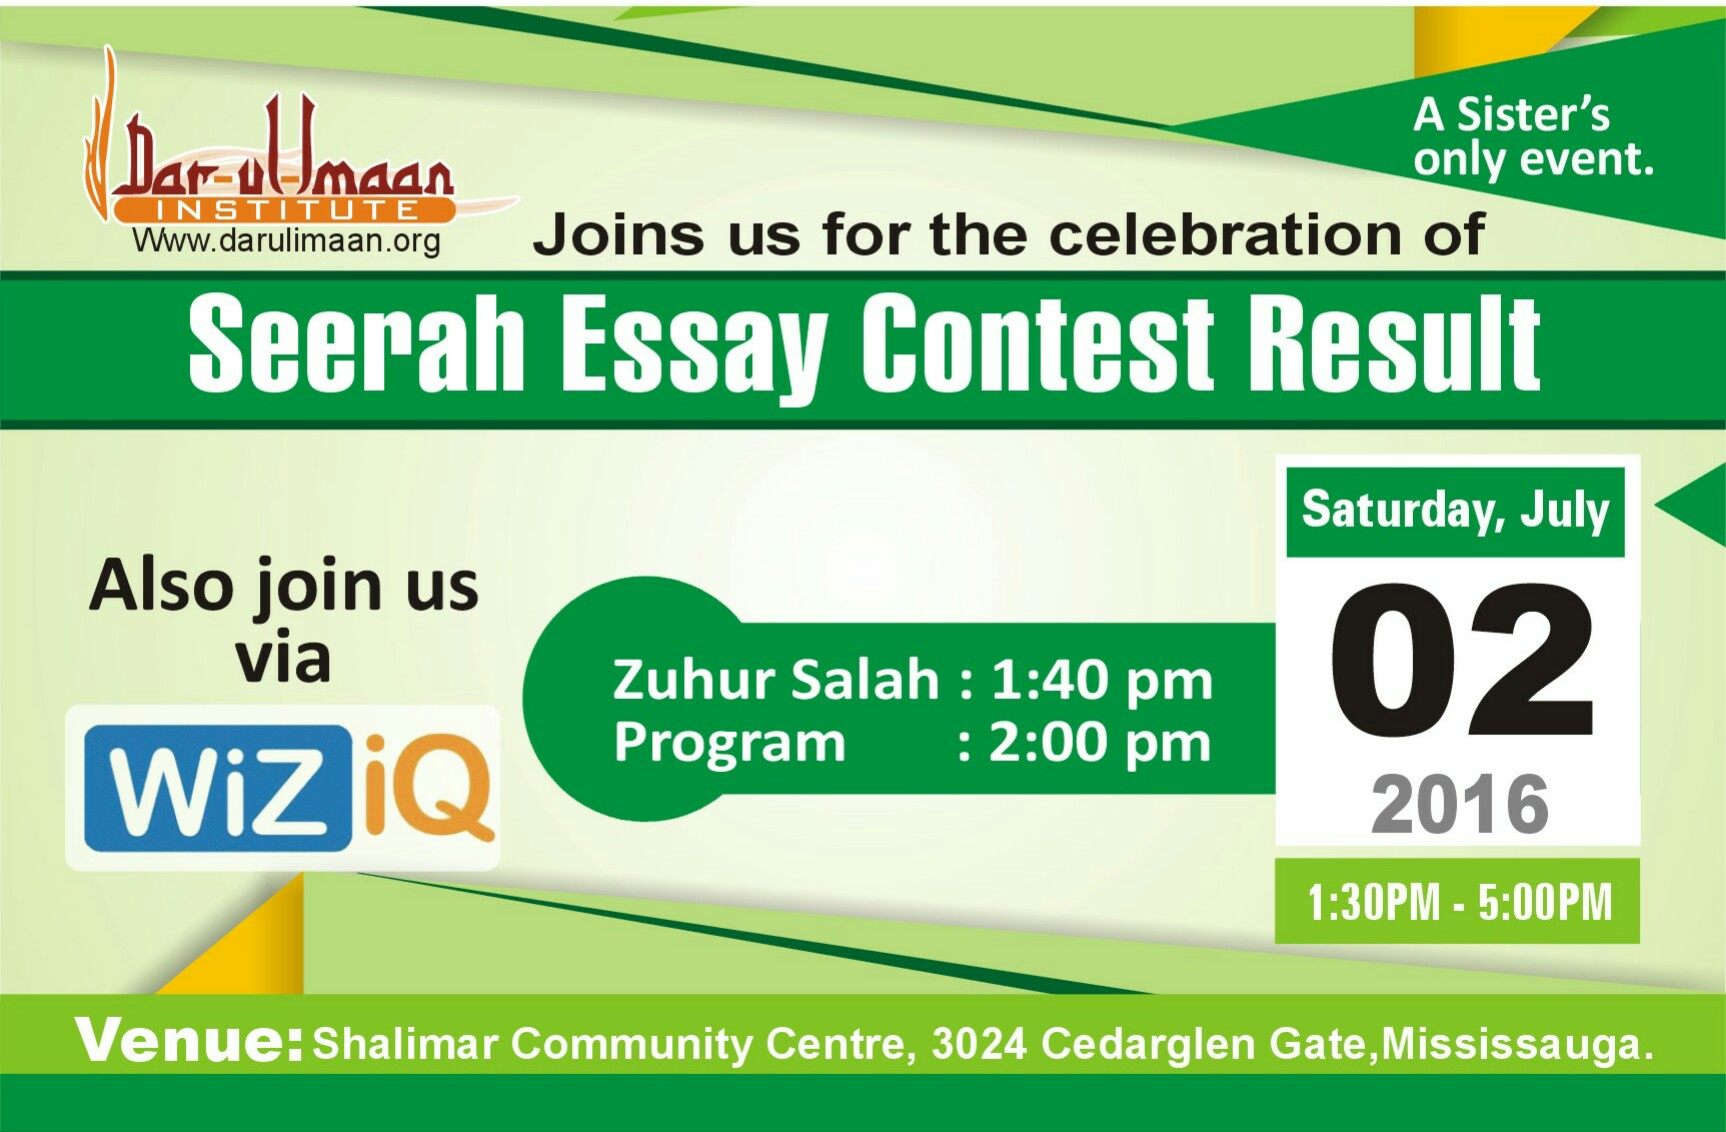 Seerah Essay Contest